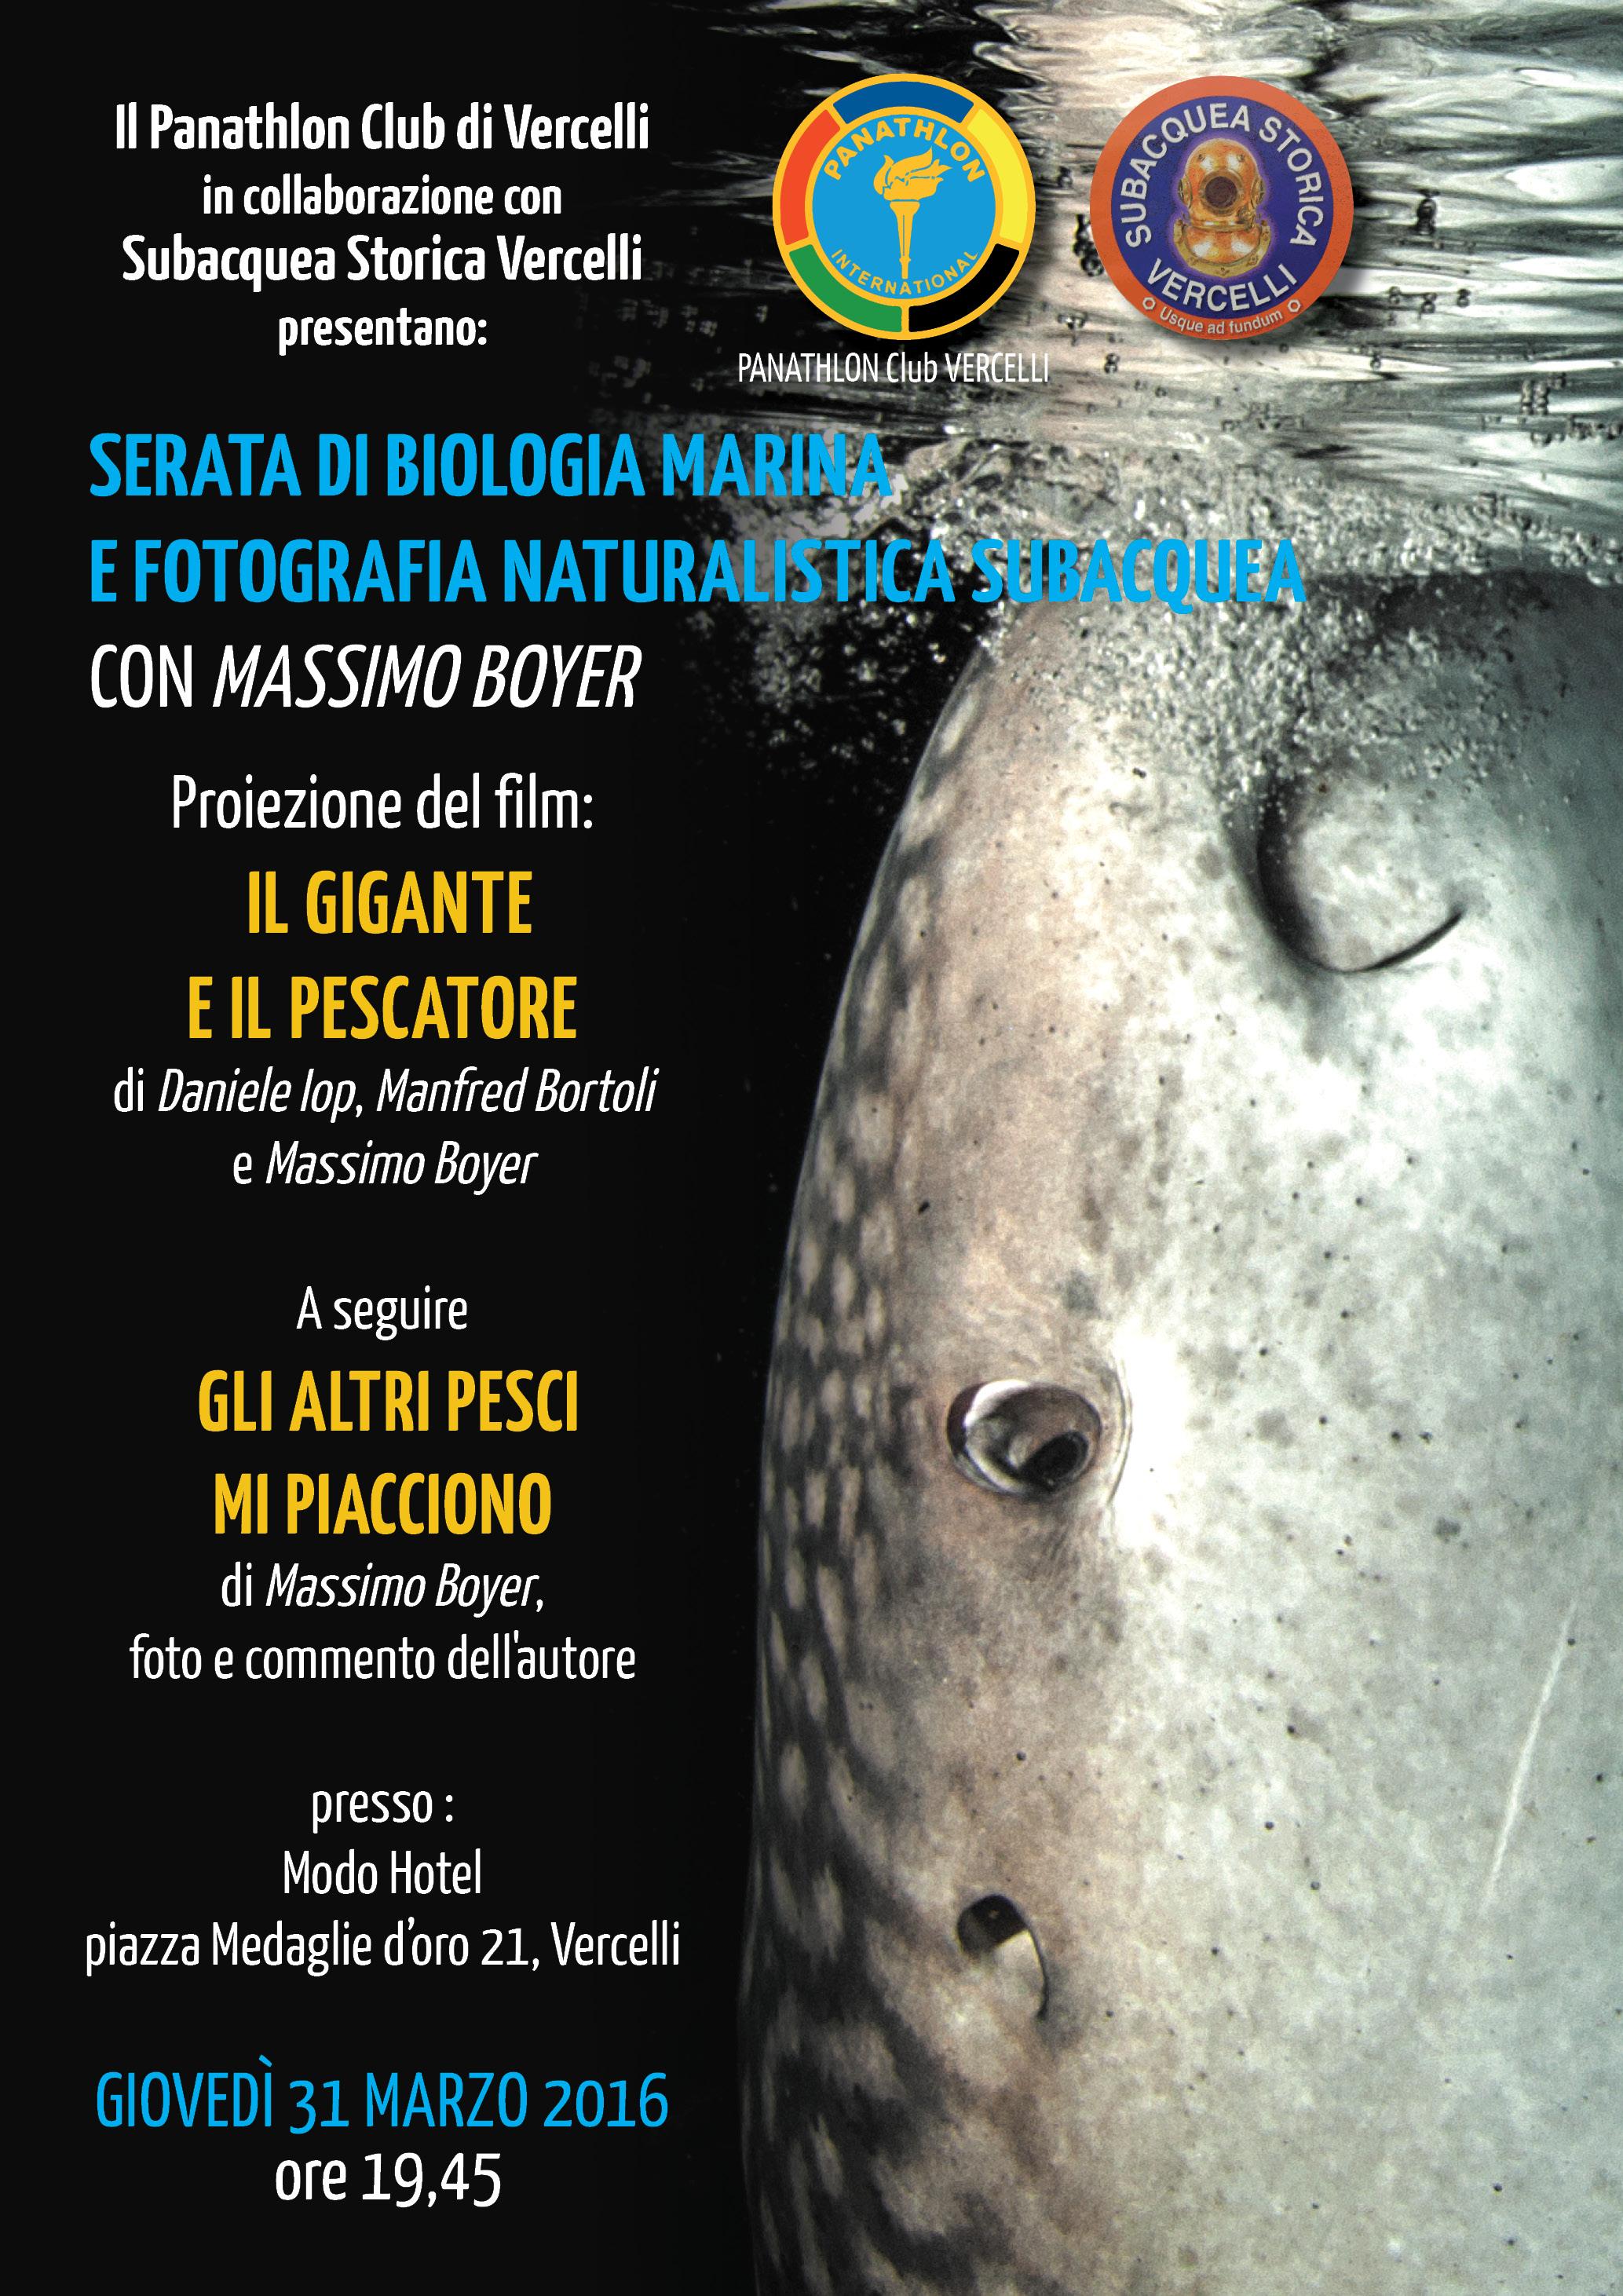 EVENTO BOYER_A4_vercelli